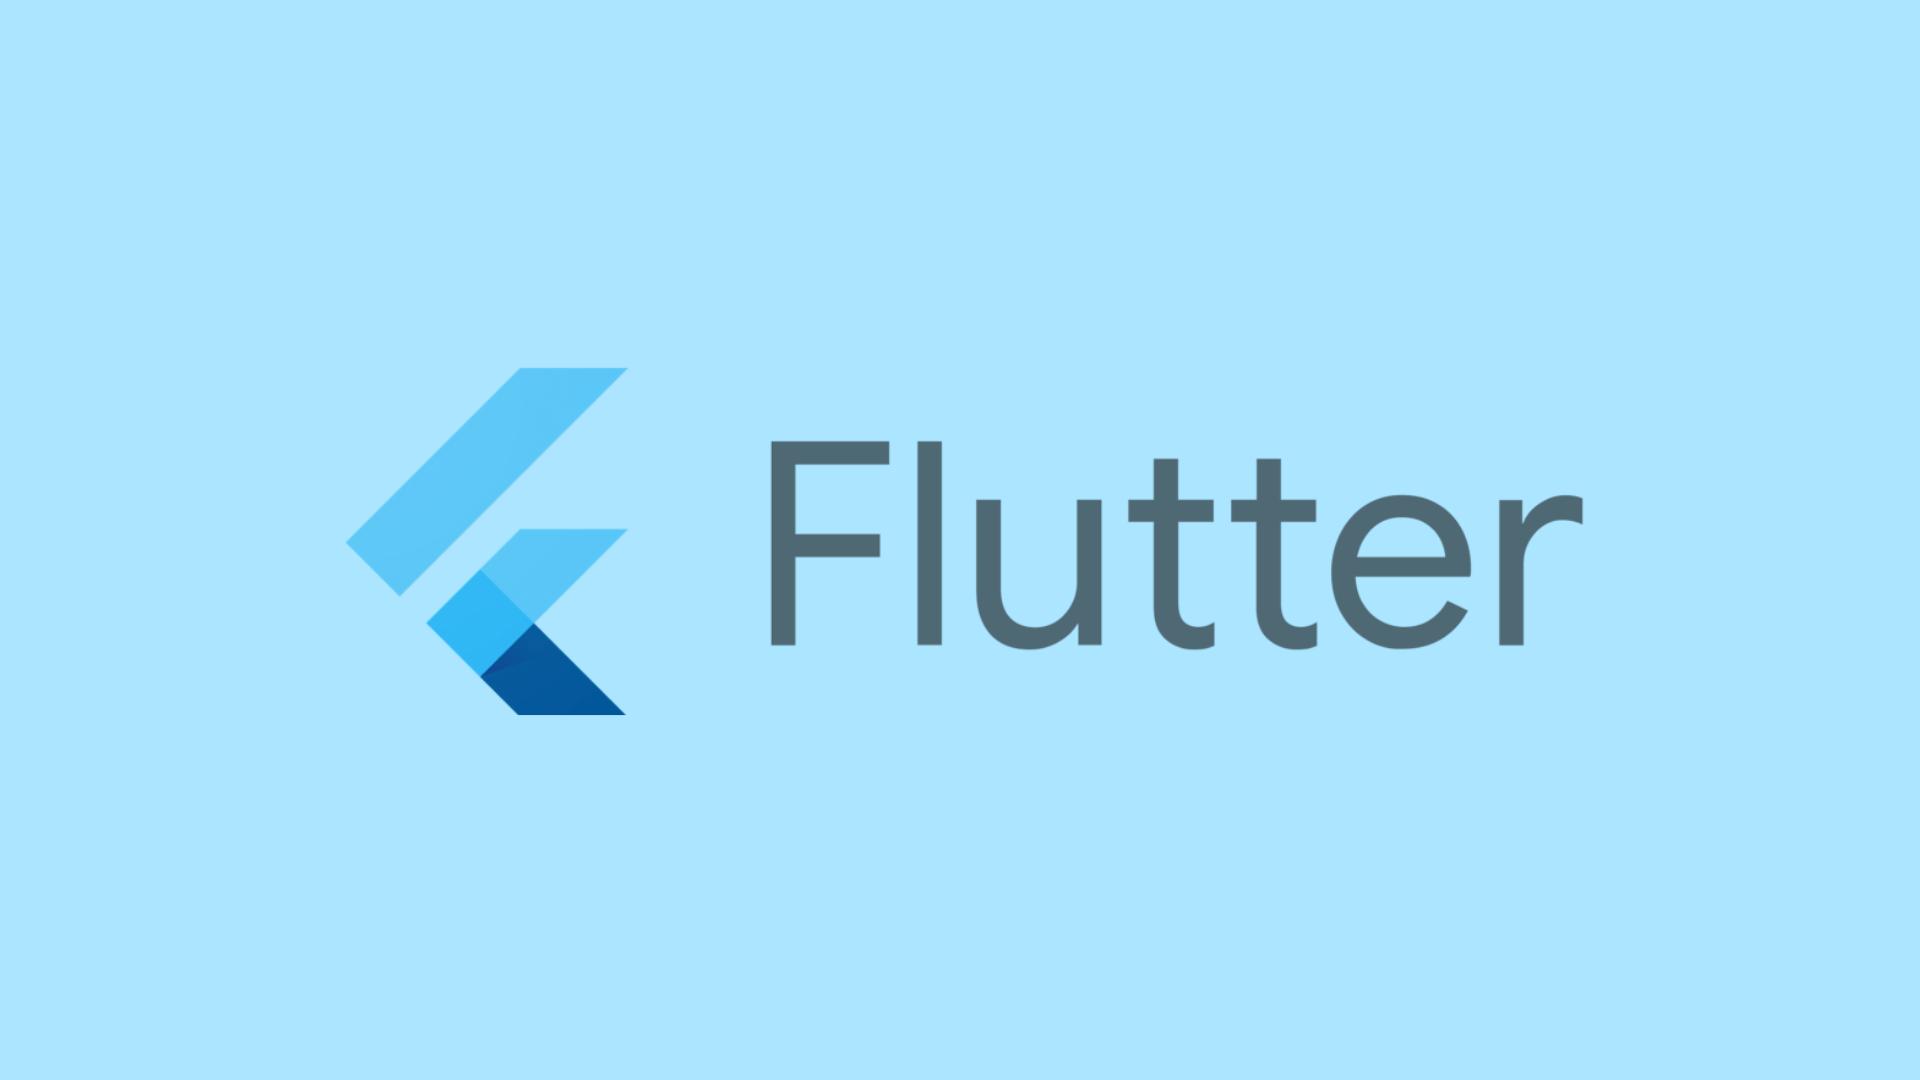 FlutterでMarkdownのテキストを表示する